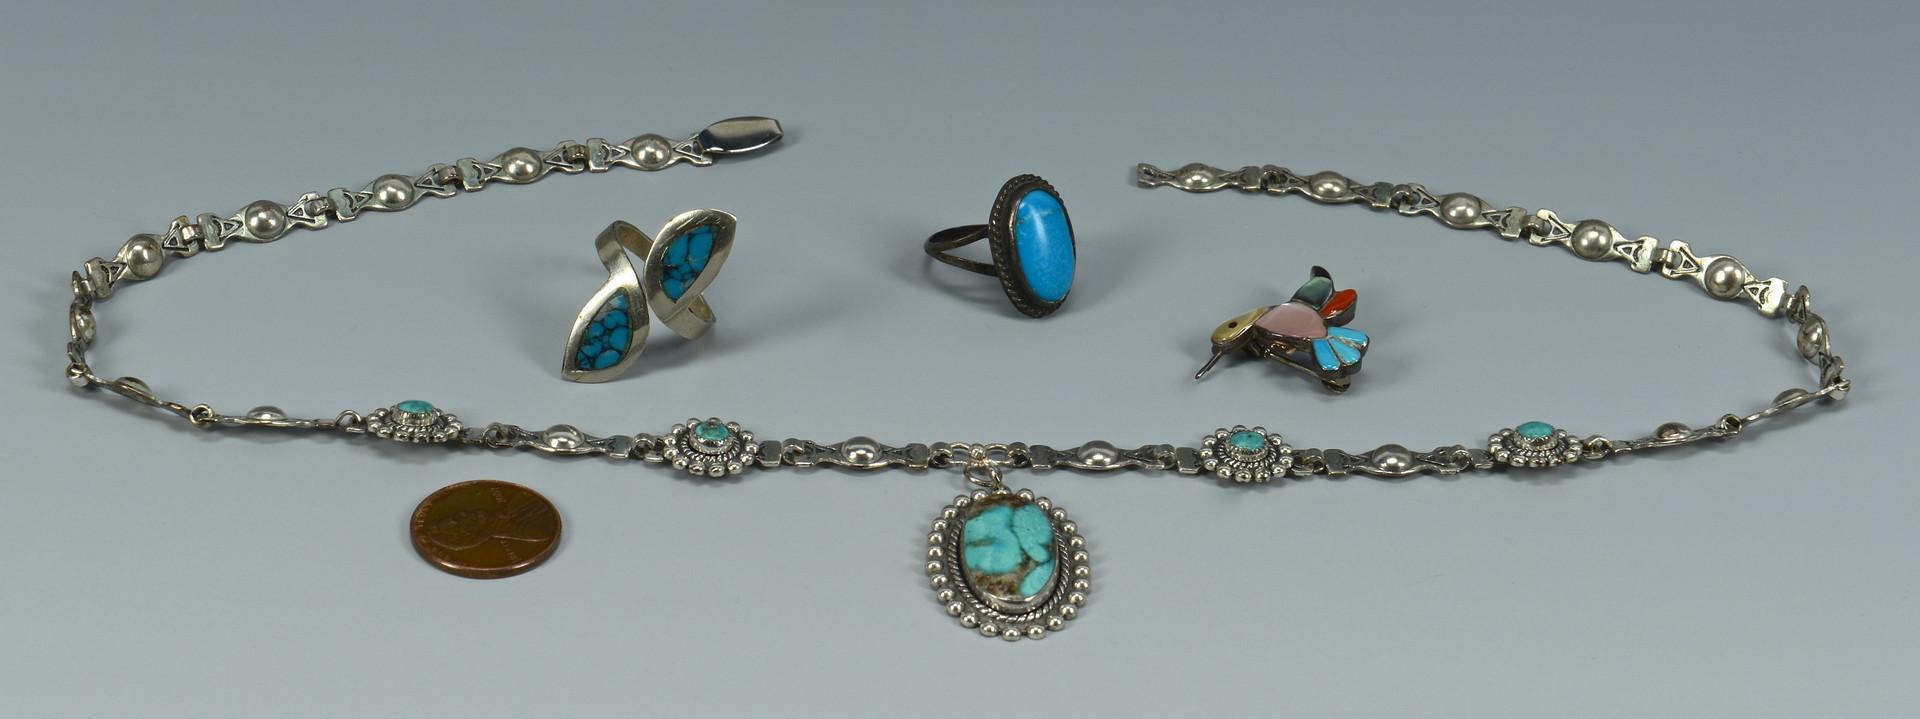 Lot 599: 4 pcs Southwestern Jewelry